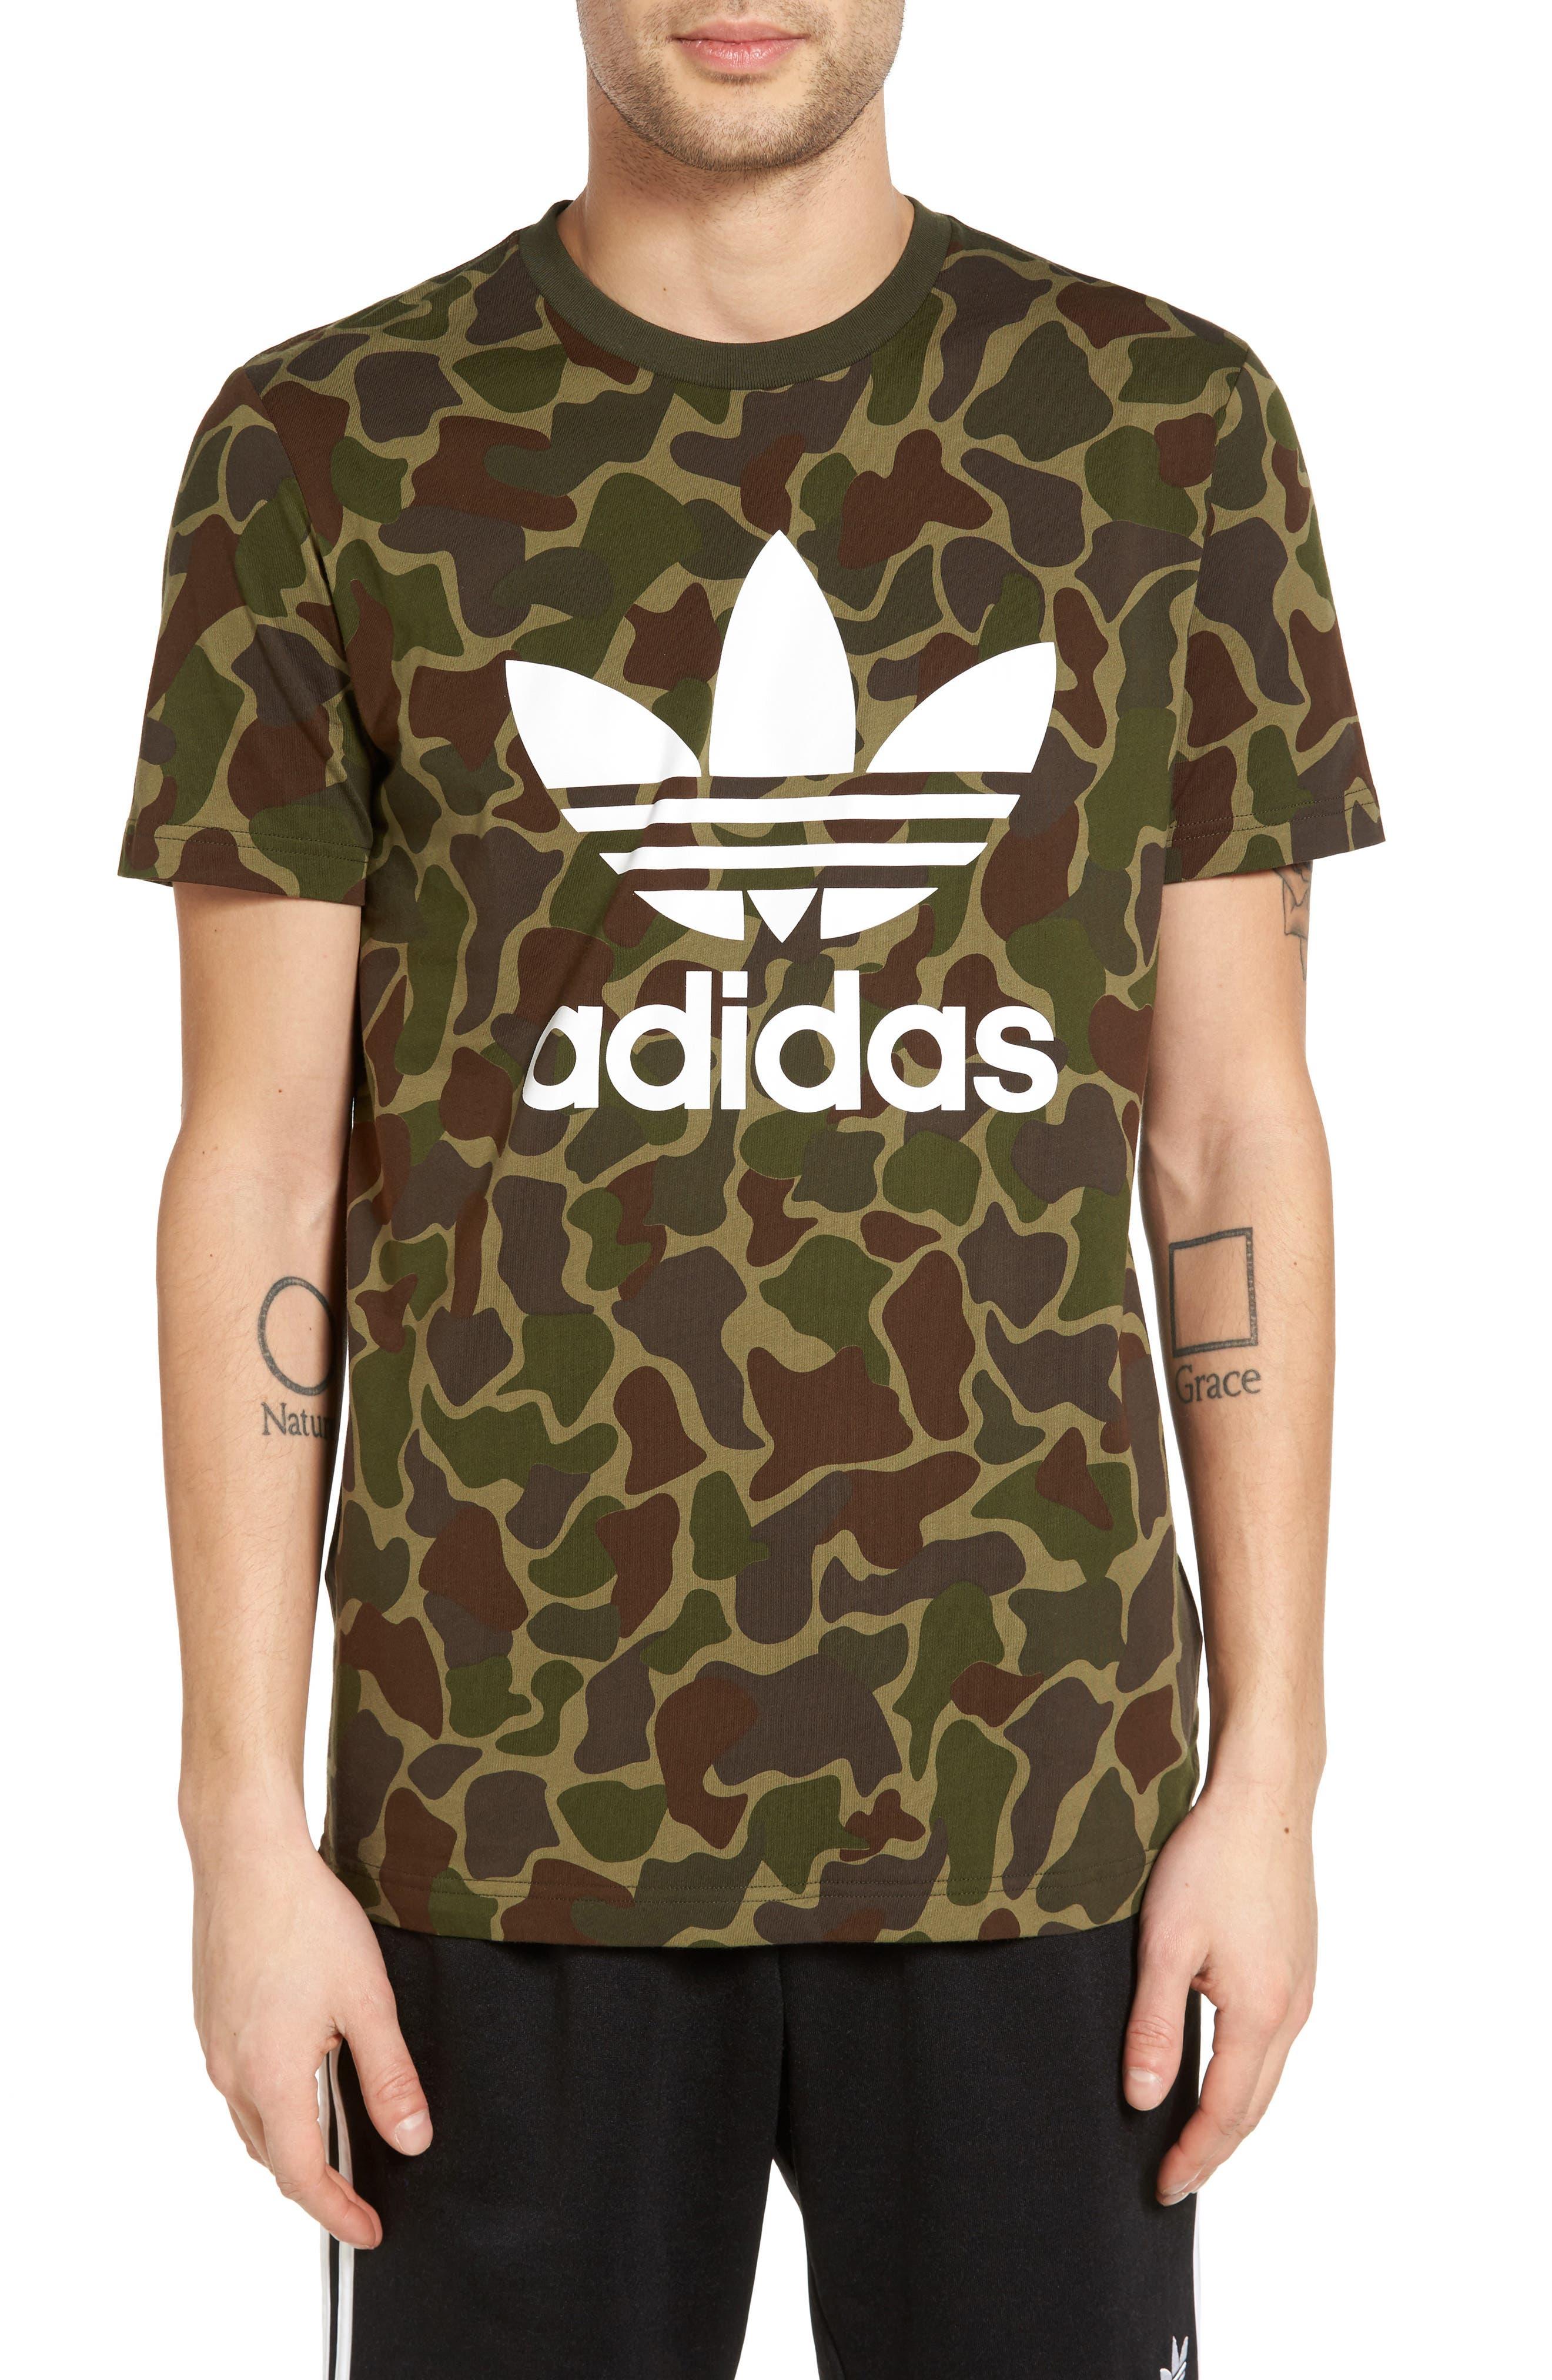 adidas Originals Camo Print T-Shirt